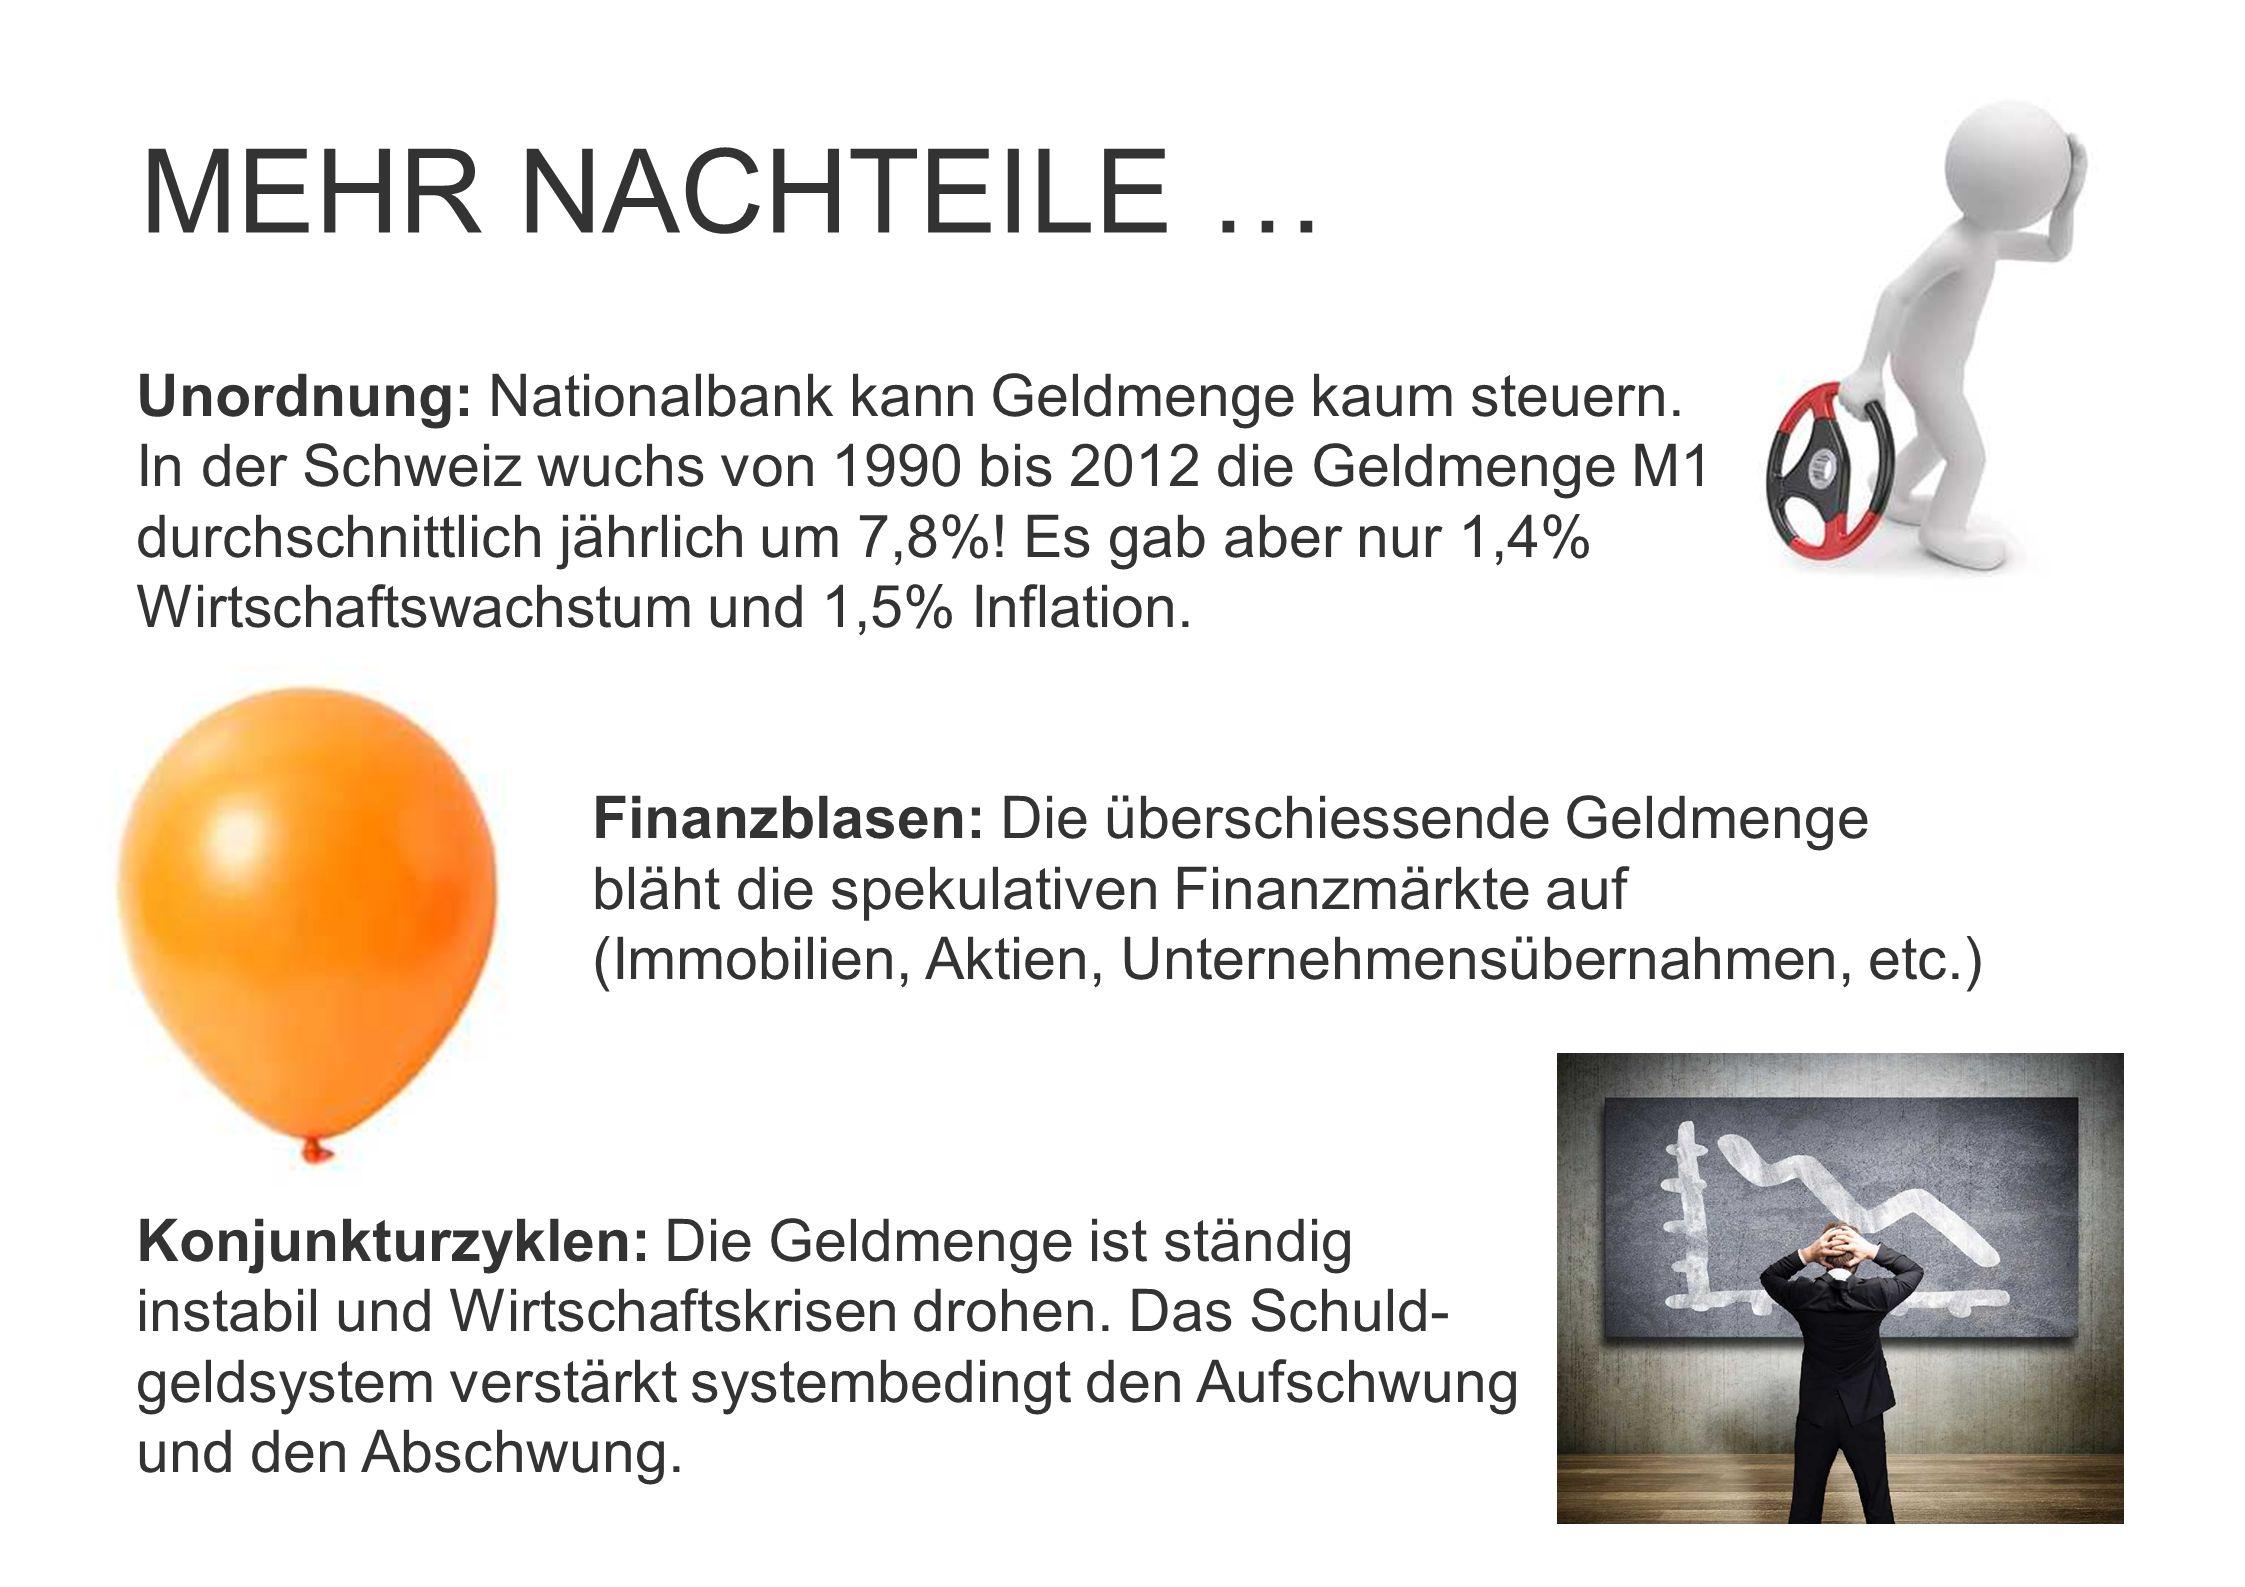 Unordnung: Nationalbank kann Geldmenge kaum steuern. In der Schweiz wuchs von 1990 bis 2012 die Geldmenge M1 durchschnittlich jährlich um 7,8%! Es gab